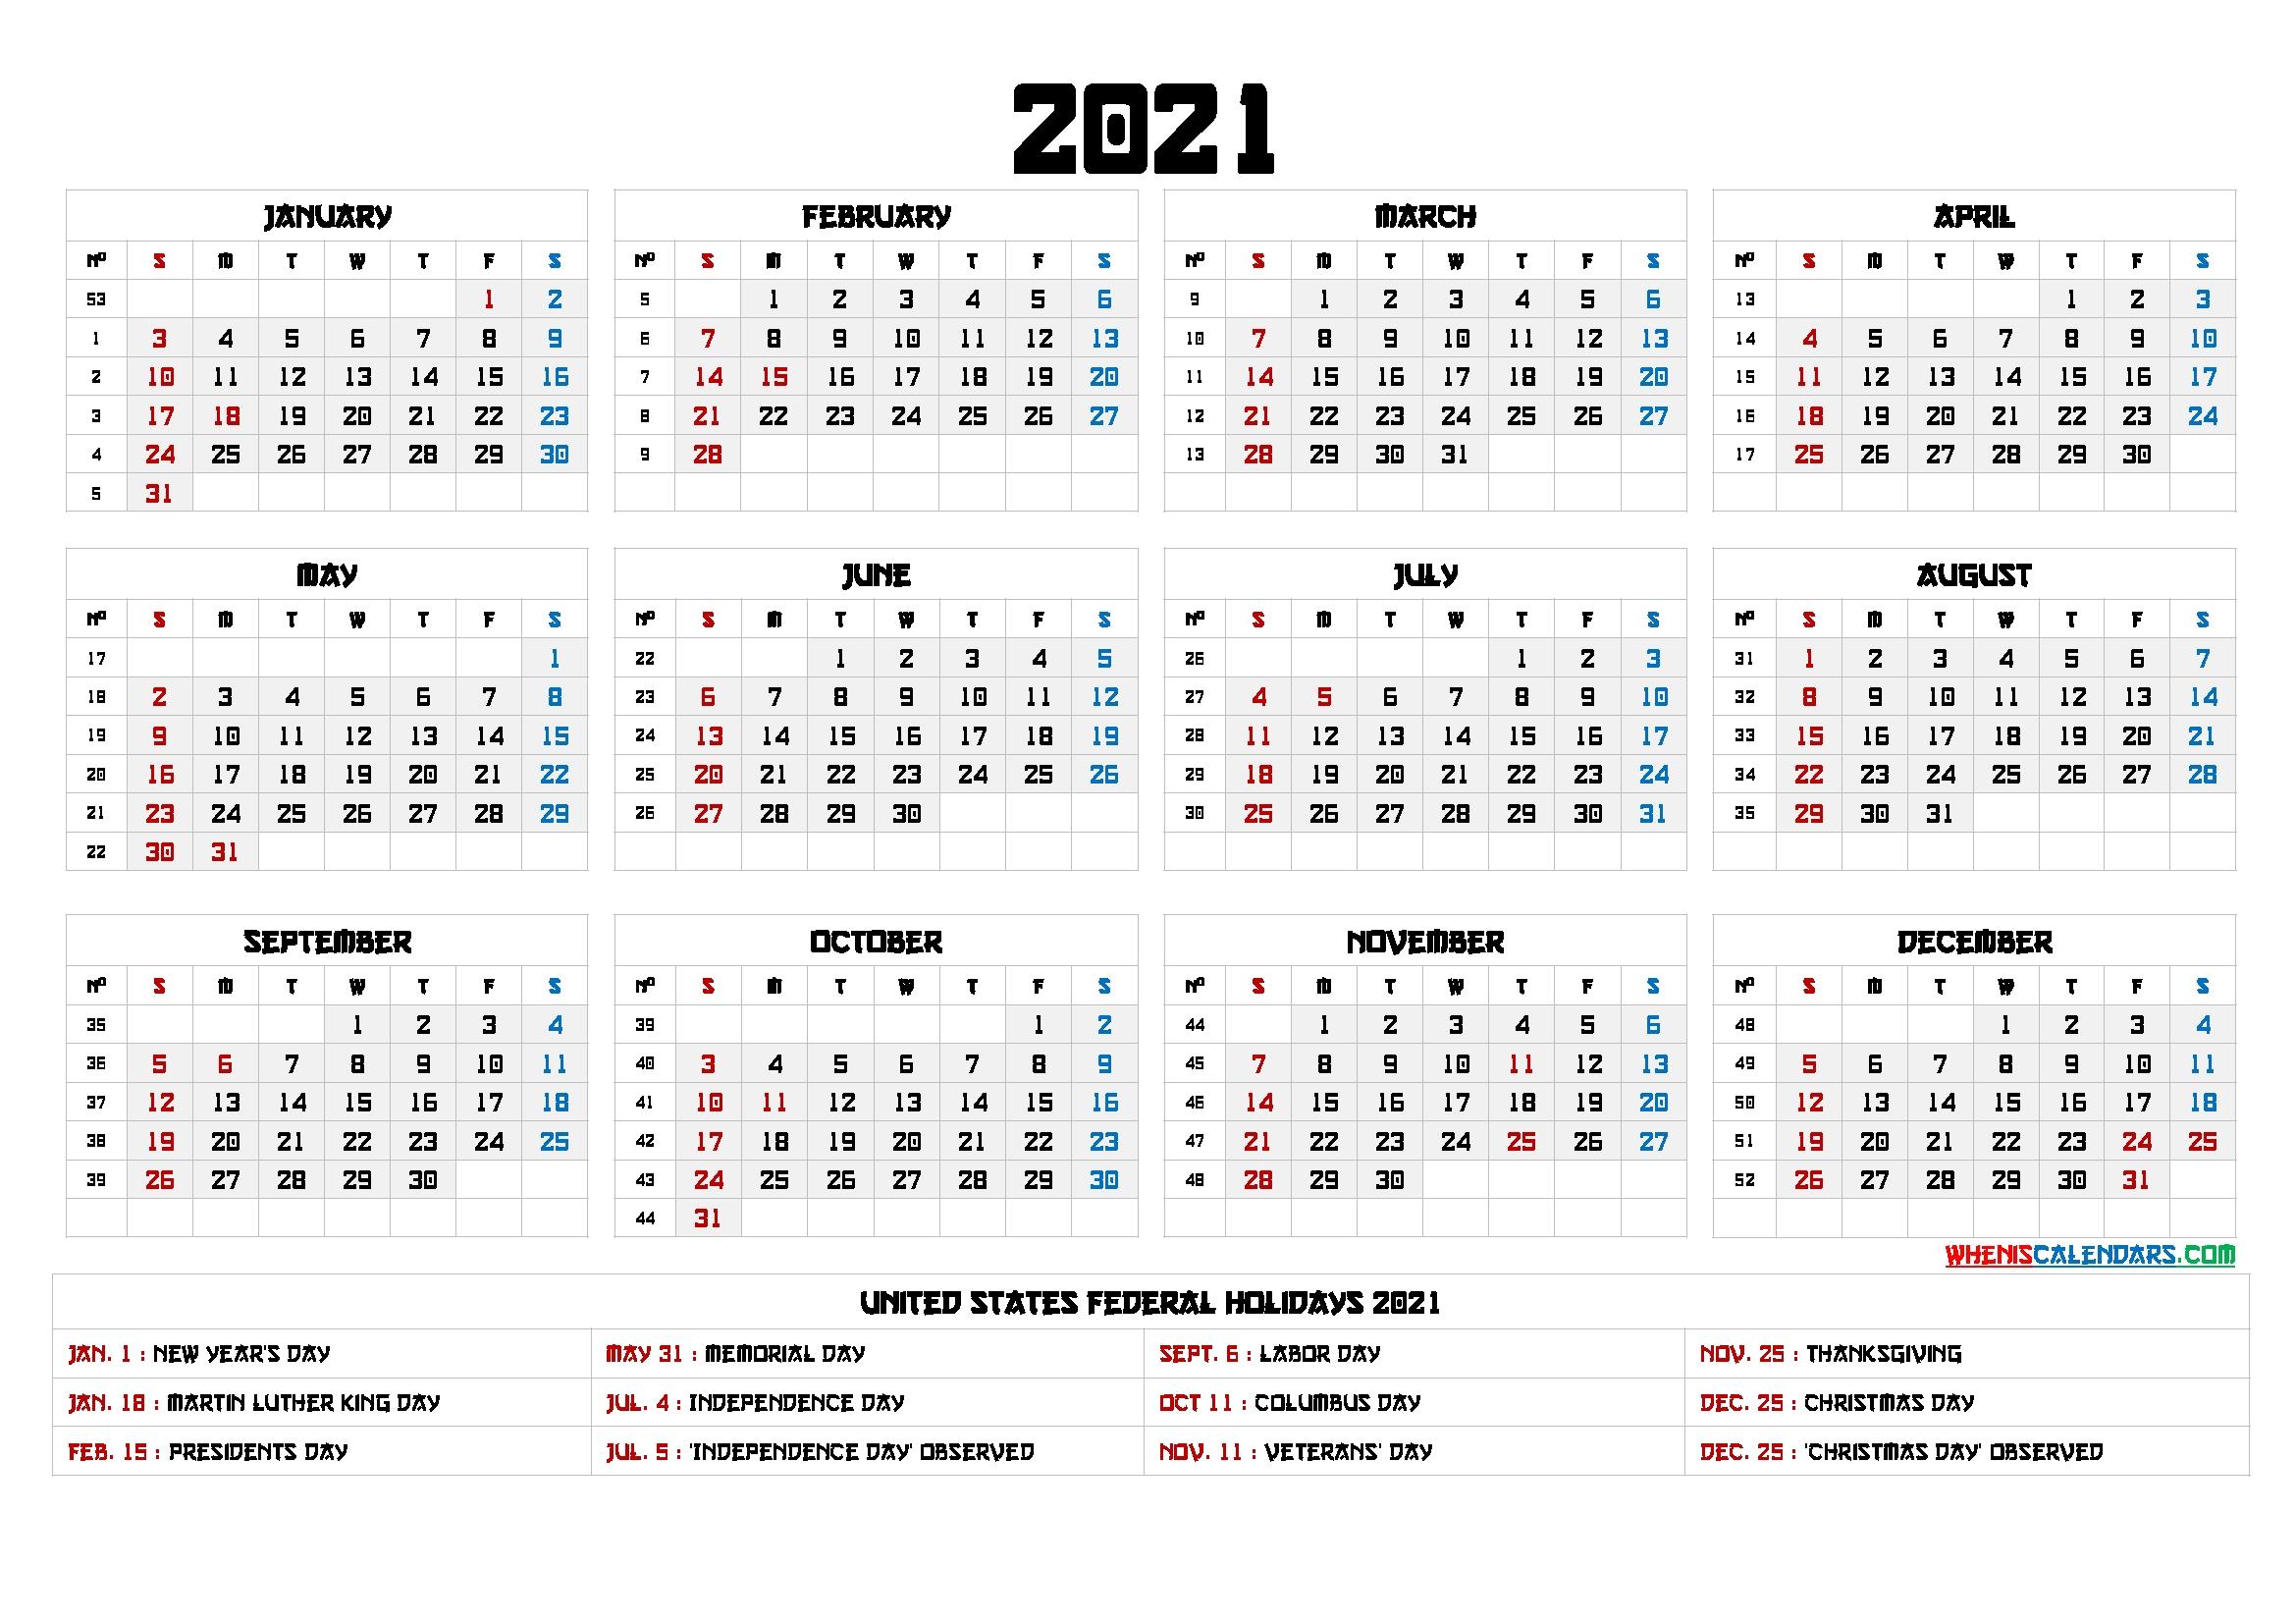 Get Financial Year Week Numbers 2021